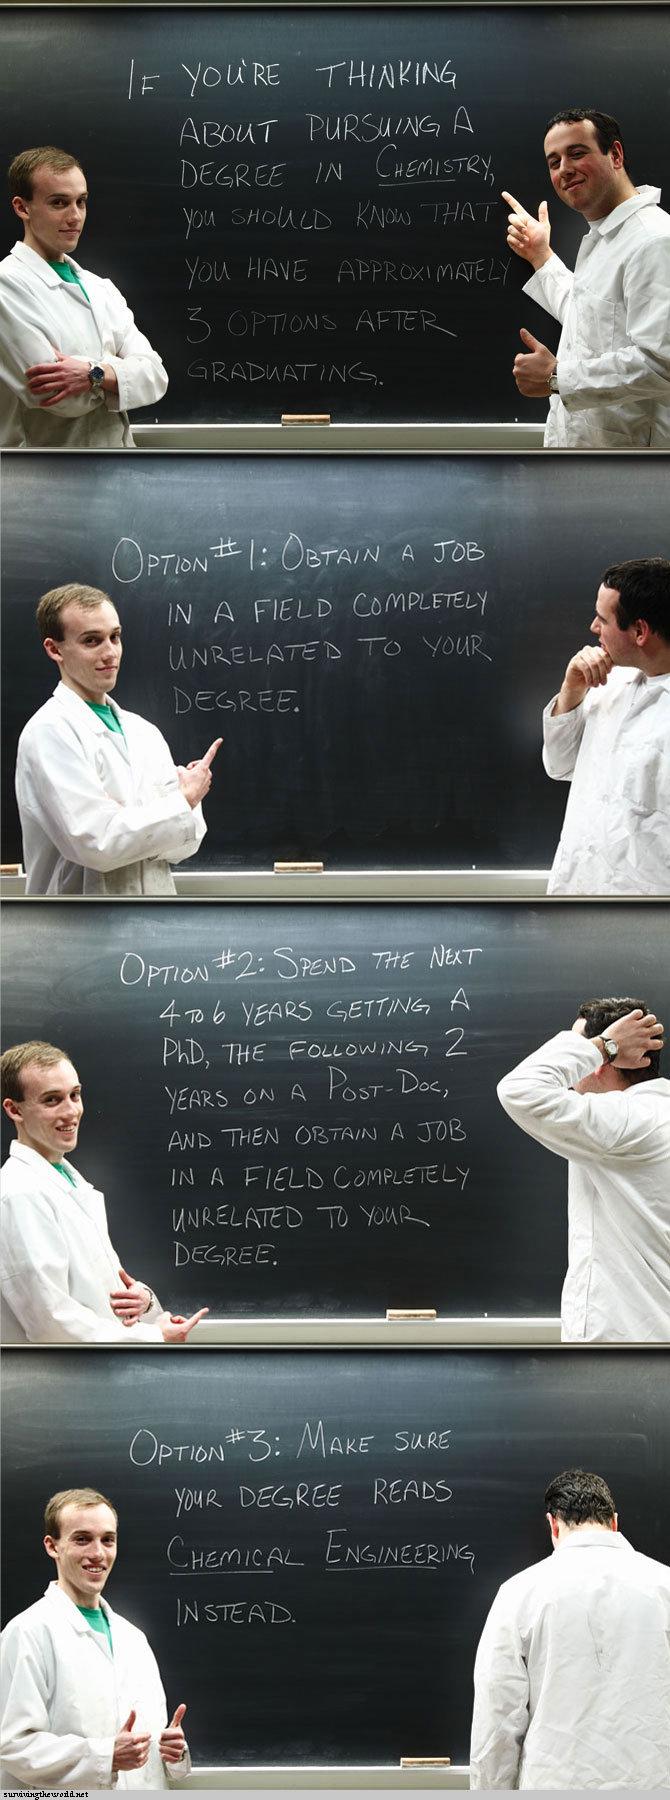 Chemistry. H̡͖͚͙̠̗̣̑̔̅o̼͕̗͉̪̦͉̤͍ͨͧ̐͒͗w͇̯̫̱͚̃̓ͬ̓̏̅ͭ͟ ̾͒̌ͩ̒̚҉̻̫m̞͓̠̯̥̀͊̌ͣă̸̝̱̩̙̝͗͠n̶̡̛͉͕͖̽̊̀͆̌̈́ͅͅy̴̢͇͍̻͉͚̅͑͐ͅ ̵̢̟̞ͣ͊ͧ̄̿͘w̠̭̗͉̥ͨ̔̎̈́ͭǫ̙̰̳͖̝̮̽̒́̈́̿ͪ́́͜r̨̢̟̺̜̩͈̣̲̊̓d now fifty percen